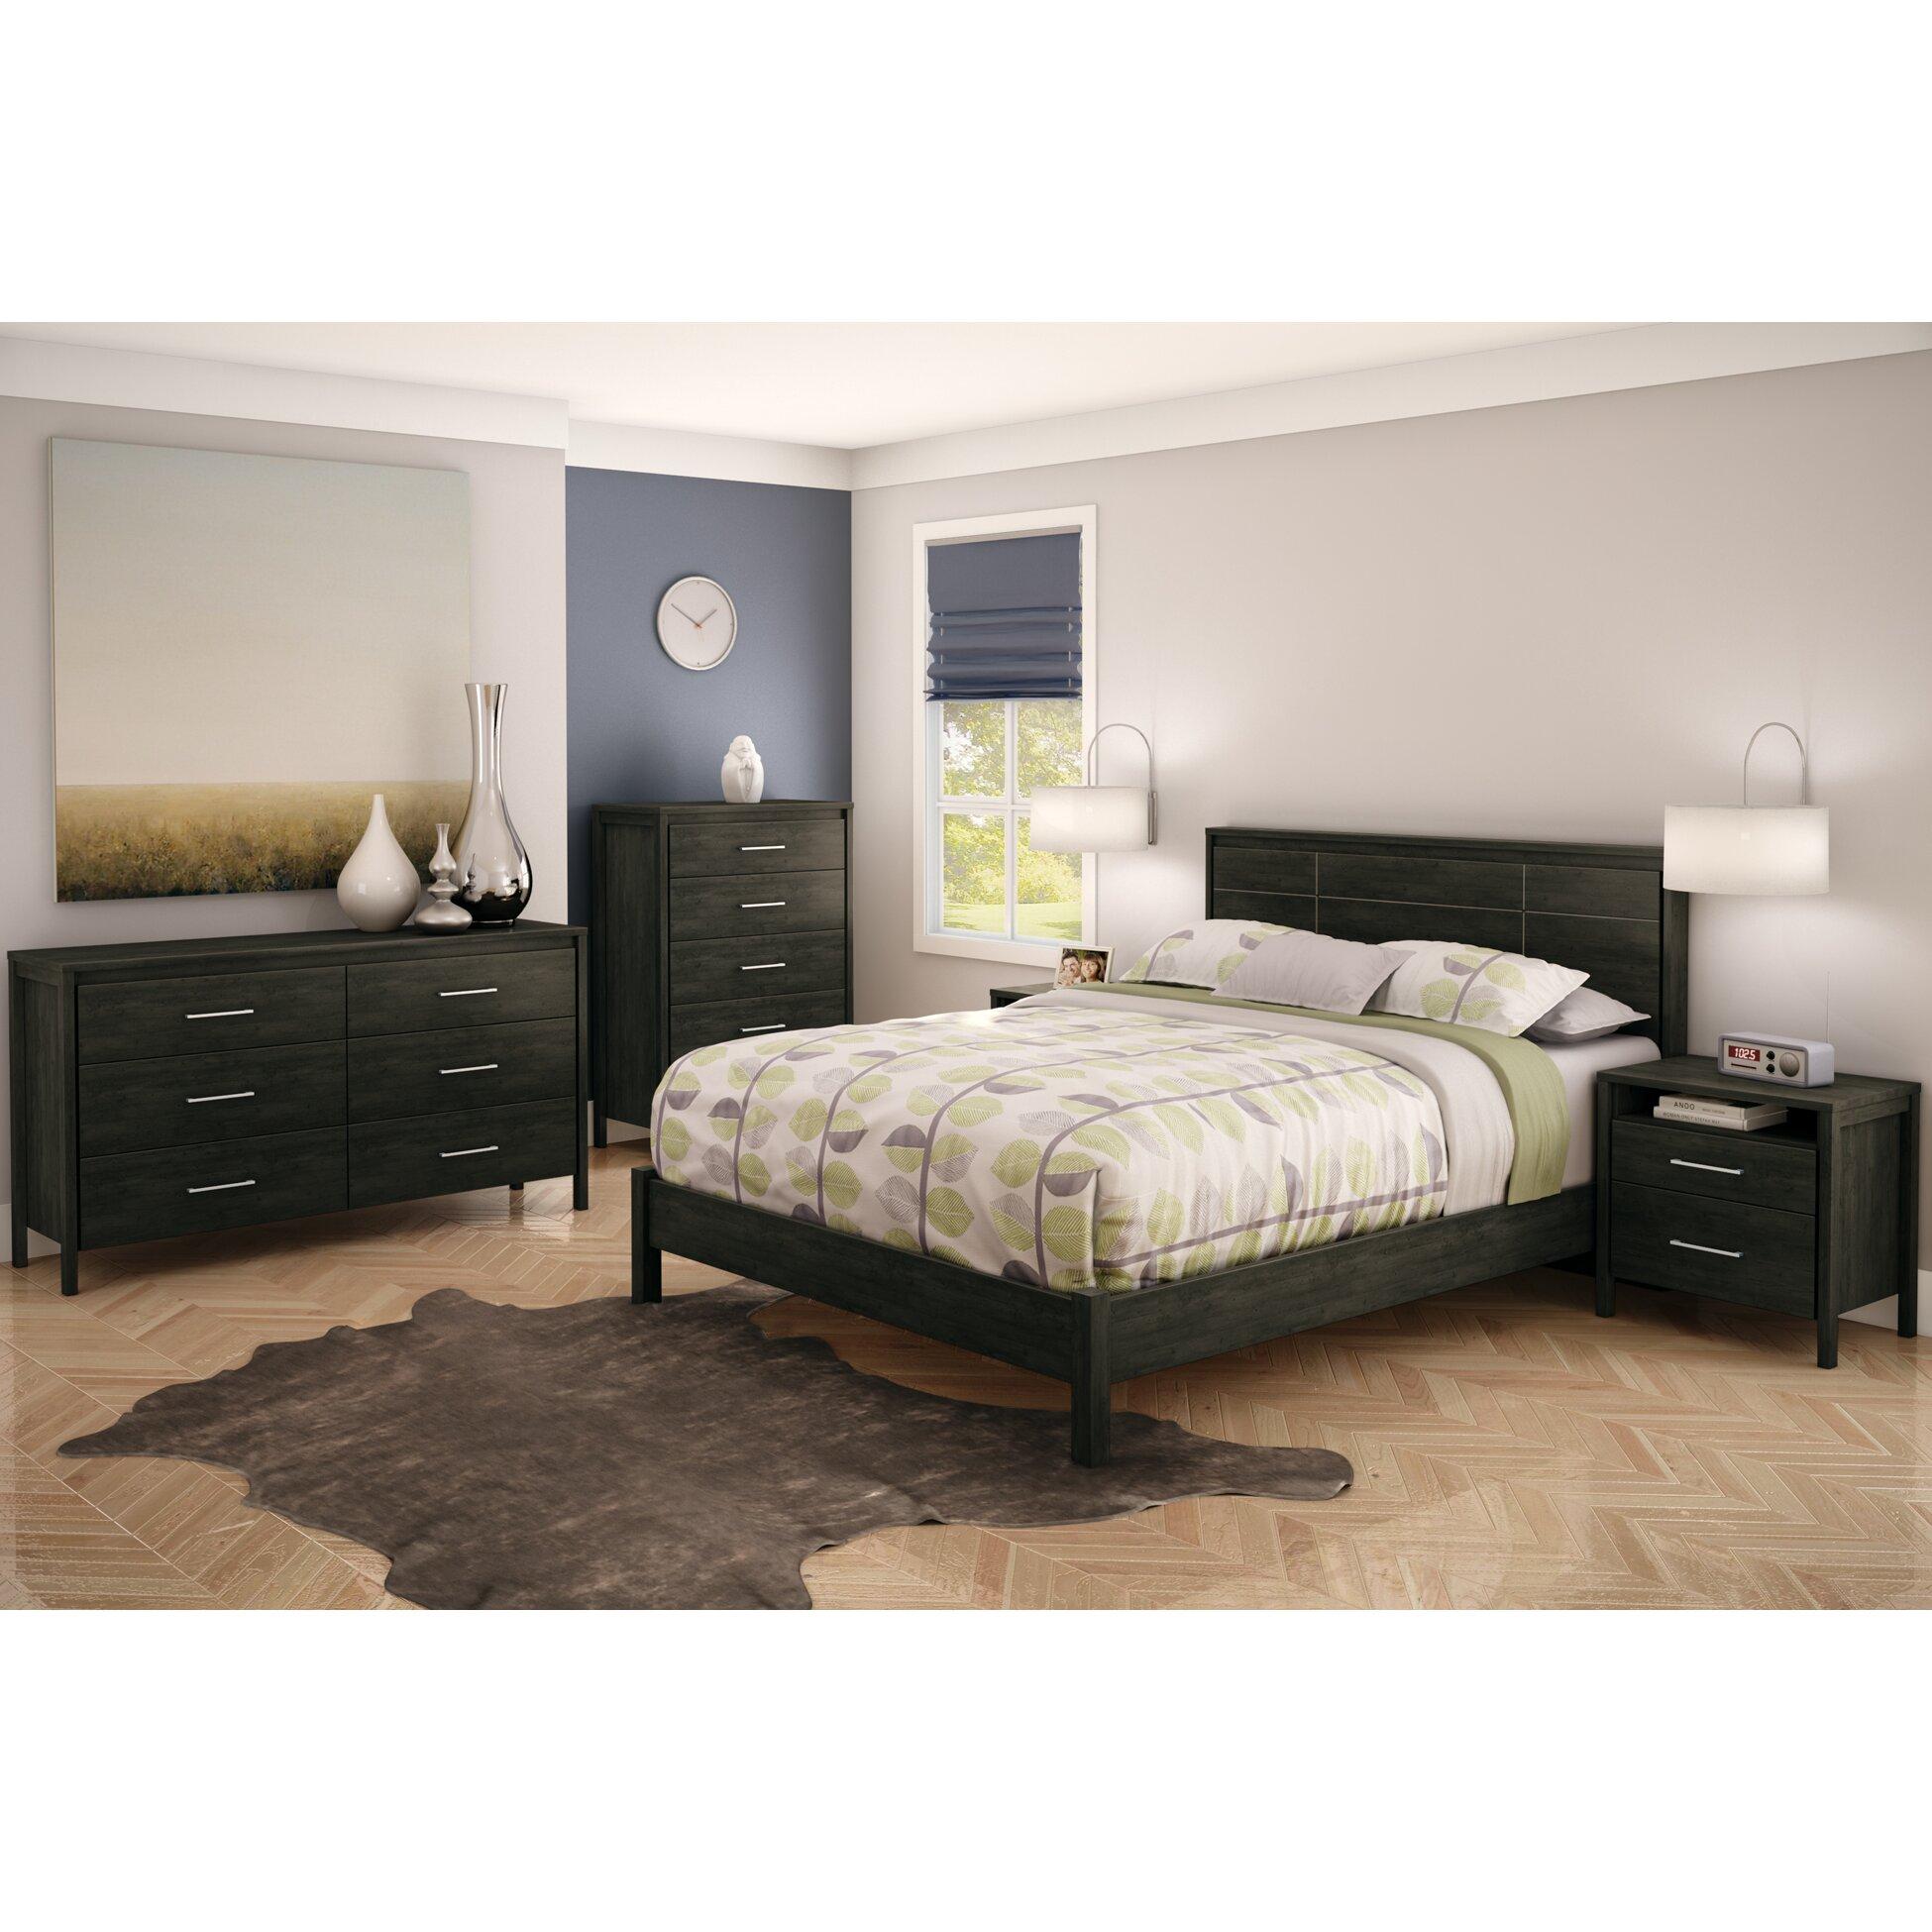 Ash Wood Bedroom Furniture Modern Contemporary Bedroom Sets Allmodern